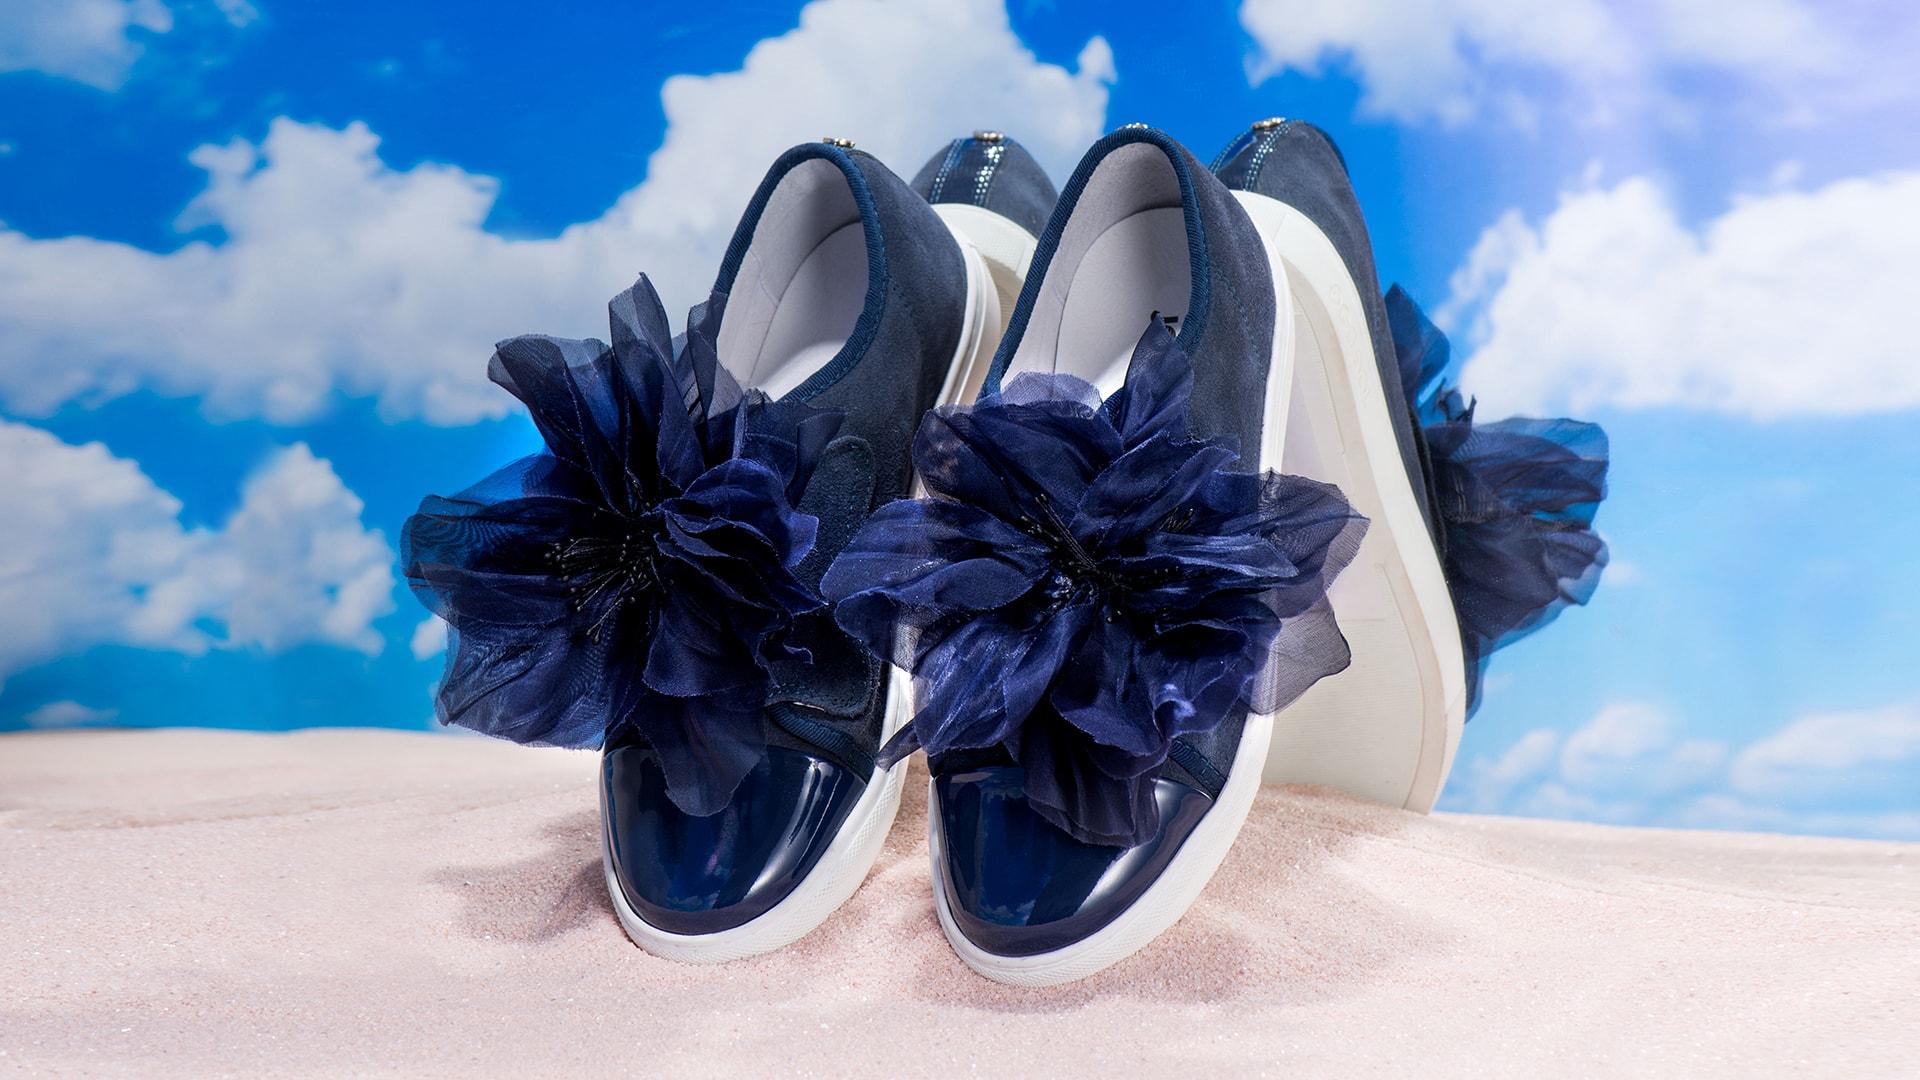 Официальный магазин обуви JOG DOG (Джог Дог) - продажа всепогодной ... 65d2492f801